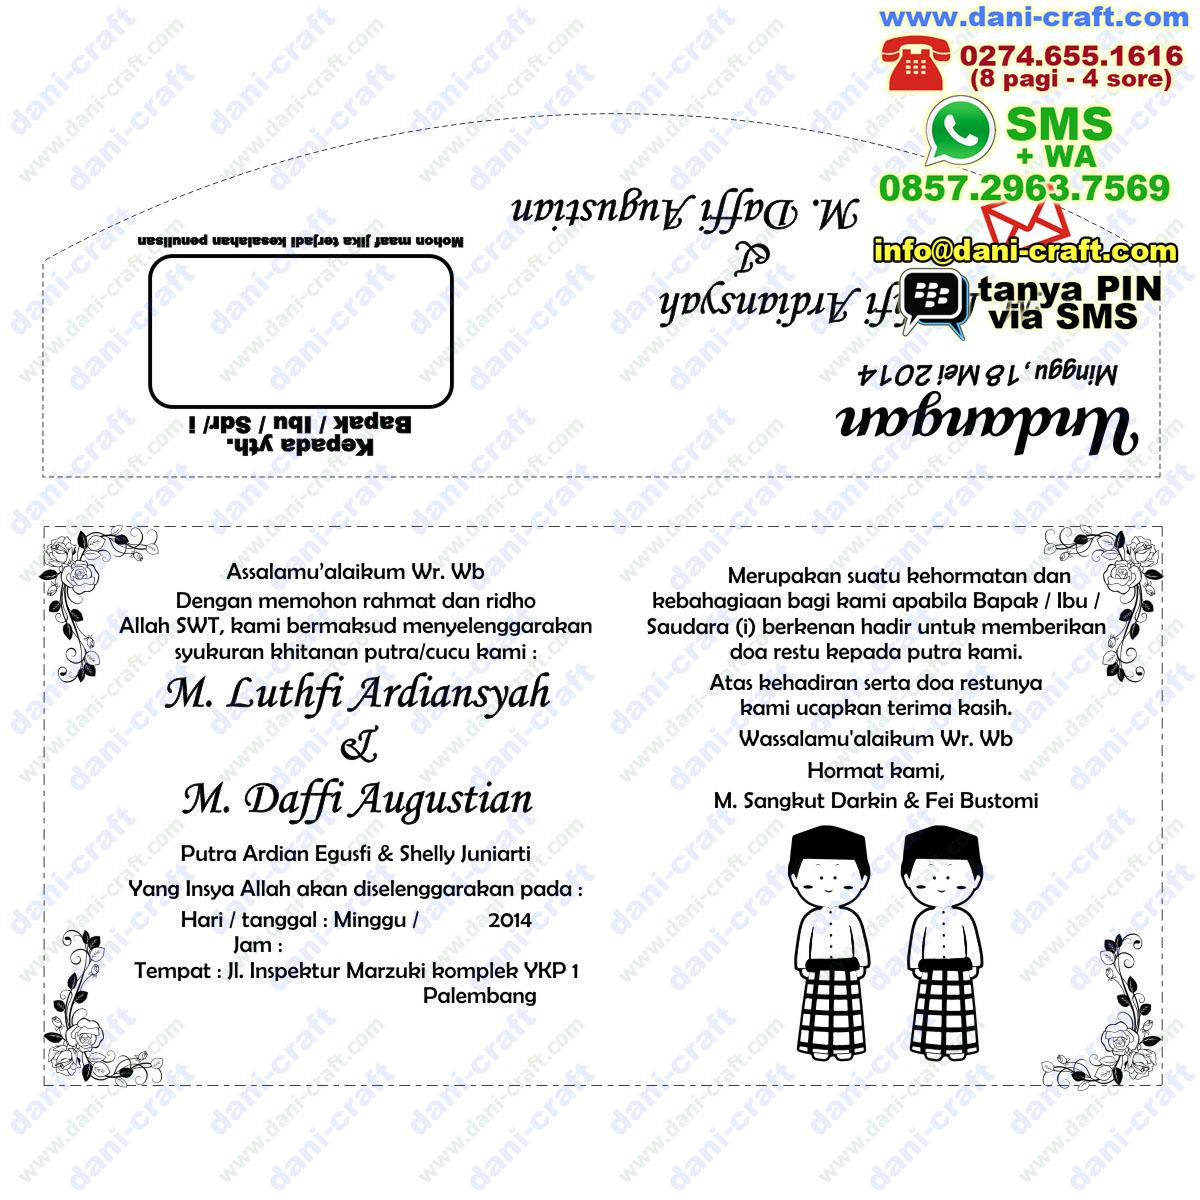 Contoh Undangan Syukuran Khitanan Doc ~ Harga Undangan Tas ...